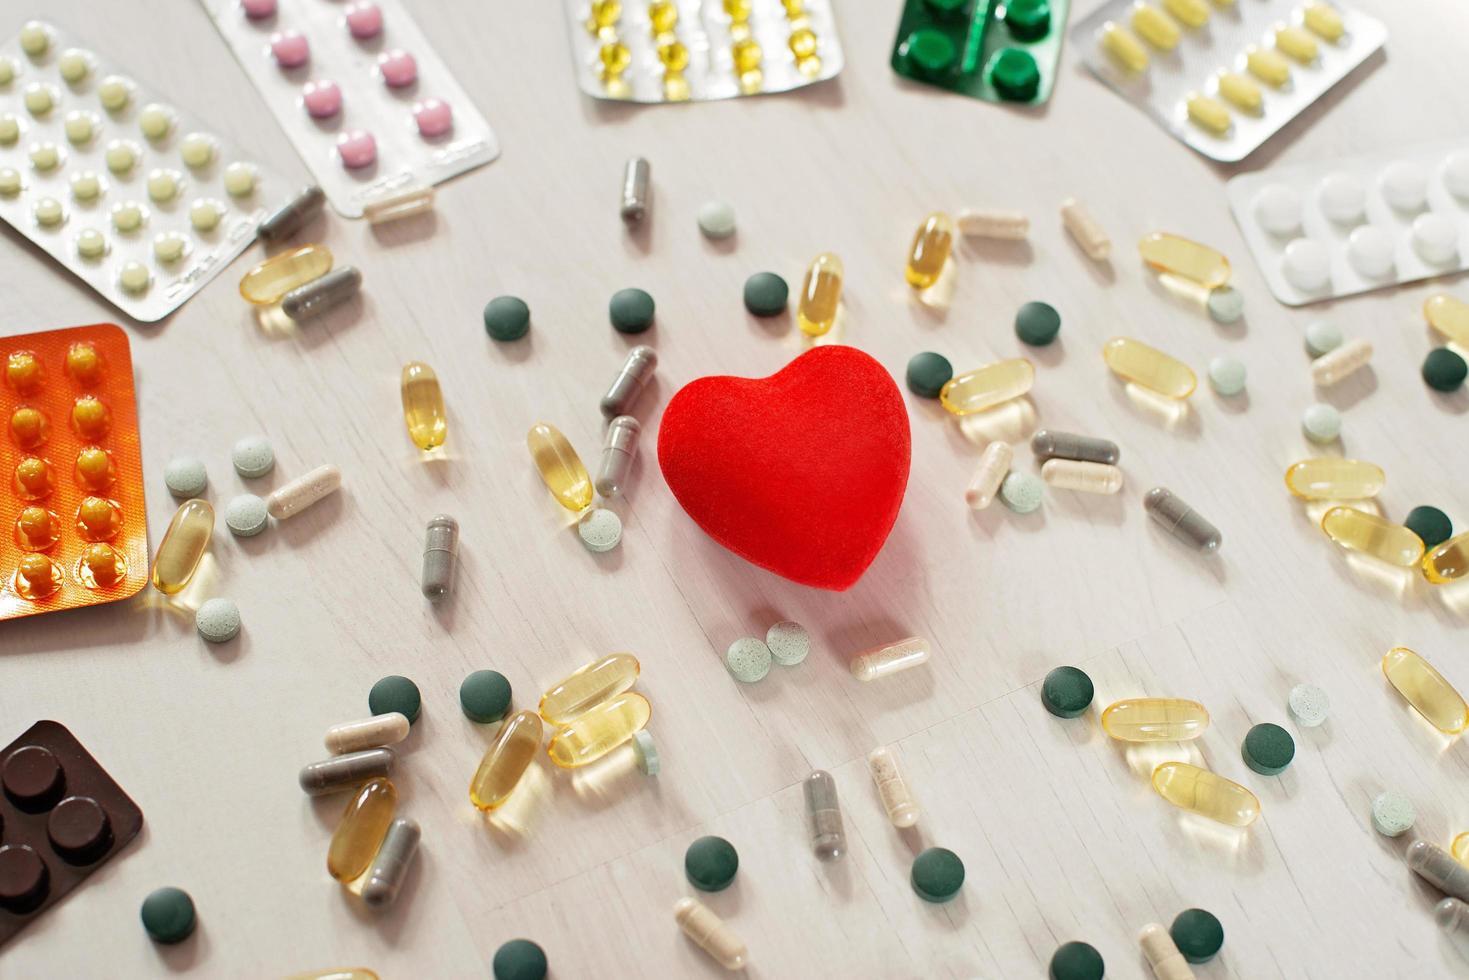 tema de farmacia, píldoras en cápsula con cápsulas de aceite de pescado omega 3 antibióticos medicinales y corazón rojo sobre un fondo claro. foto